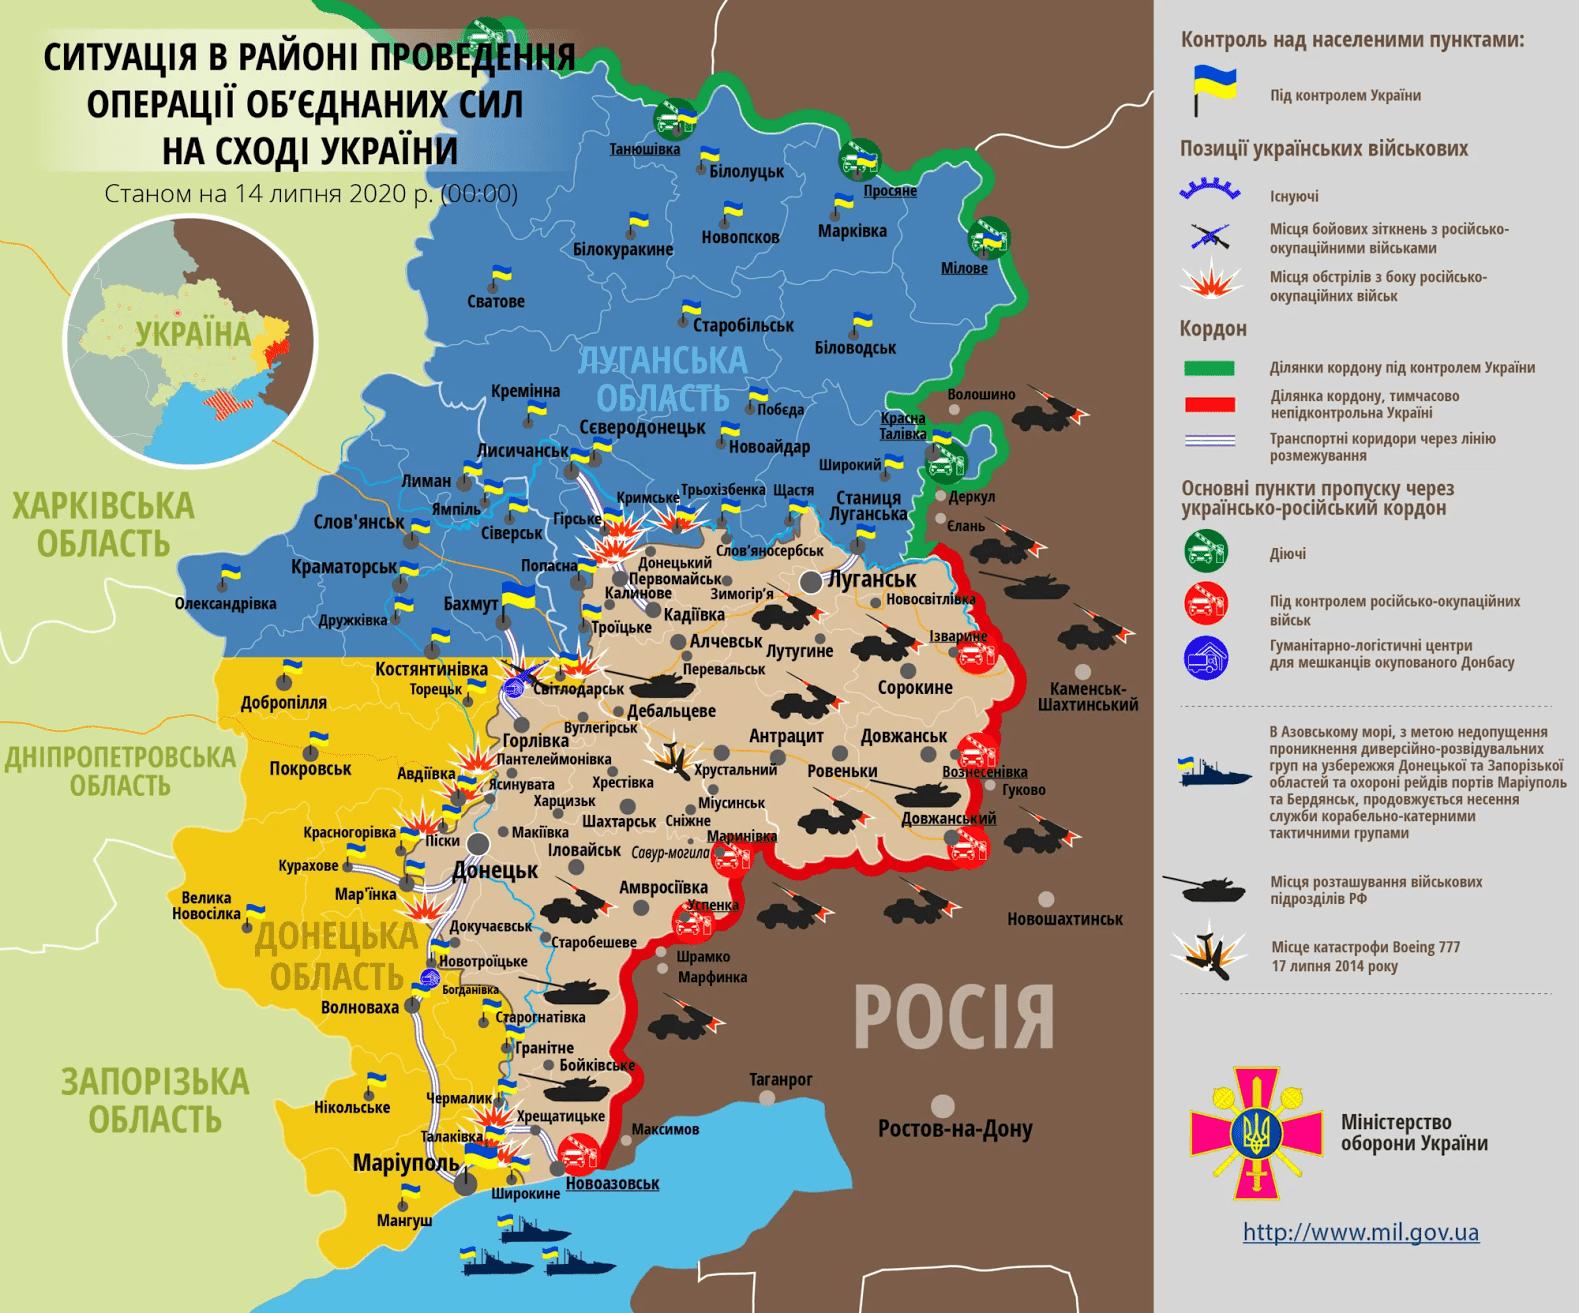 Ситуация в зоне ООС по состоянию на 14 июля